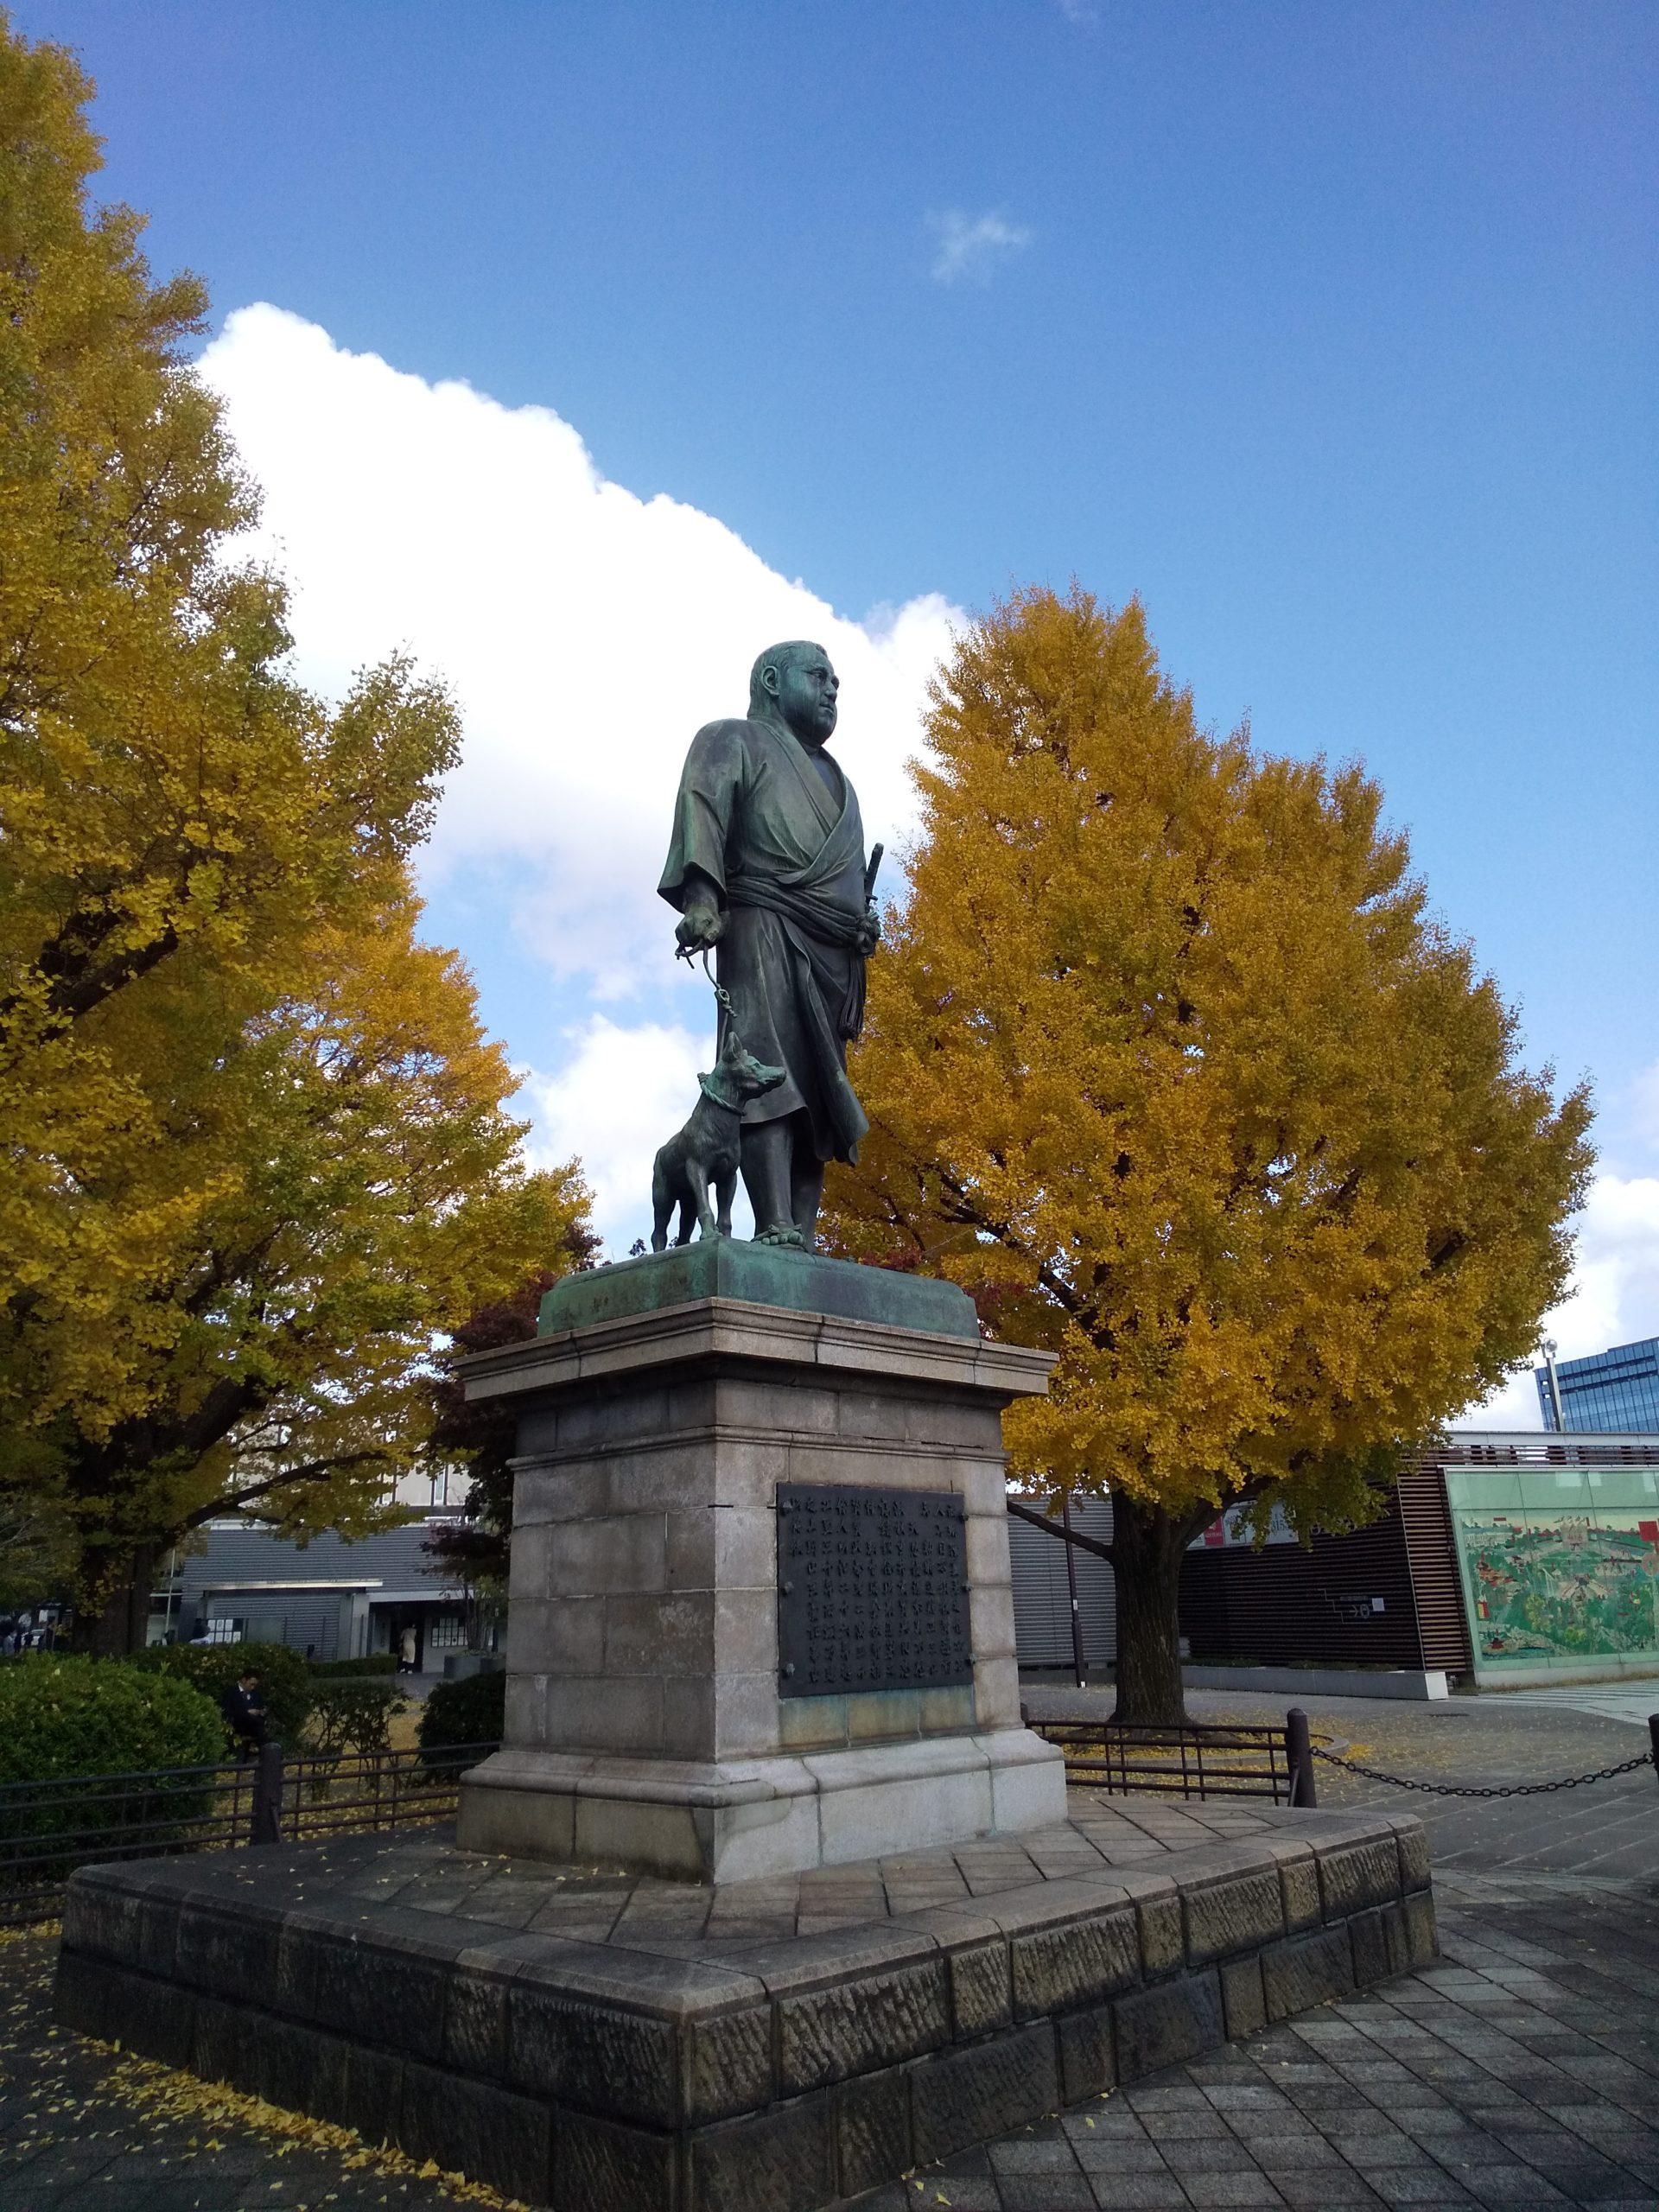 上野 西郷隆盛像